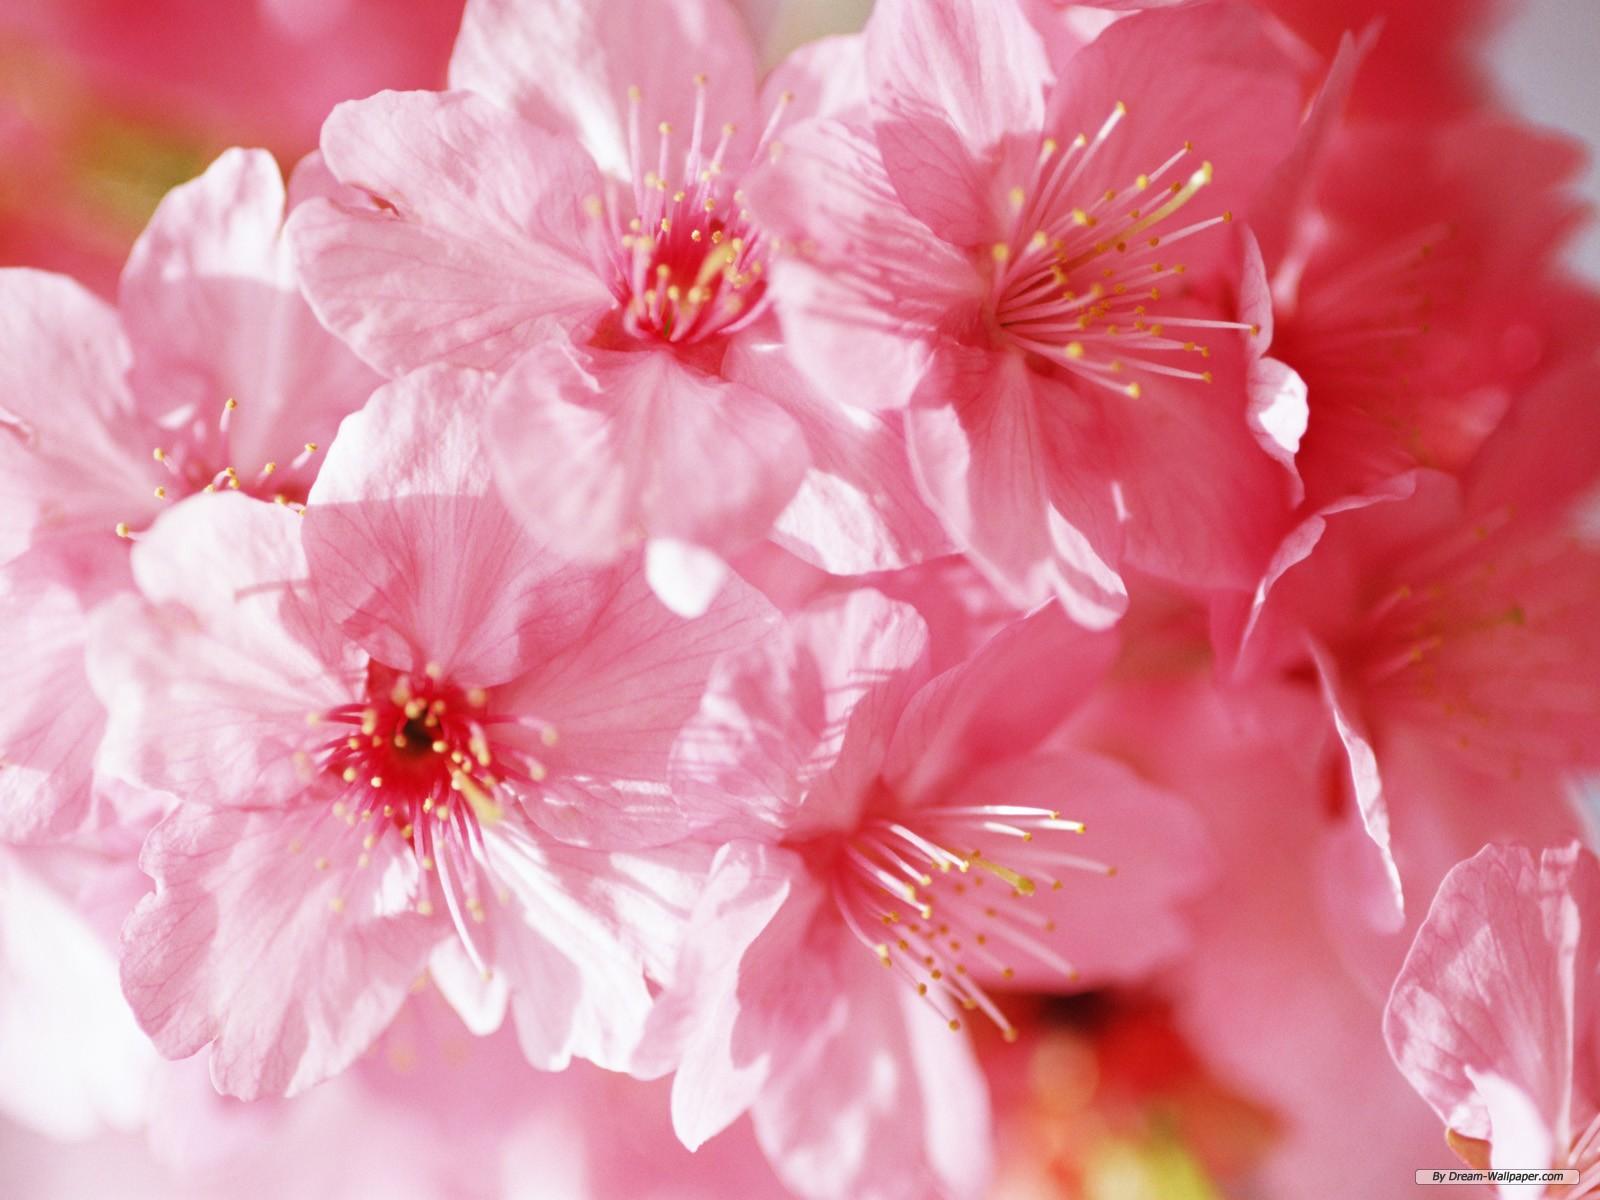 wallpaper flowers free download - wallpapersafari